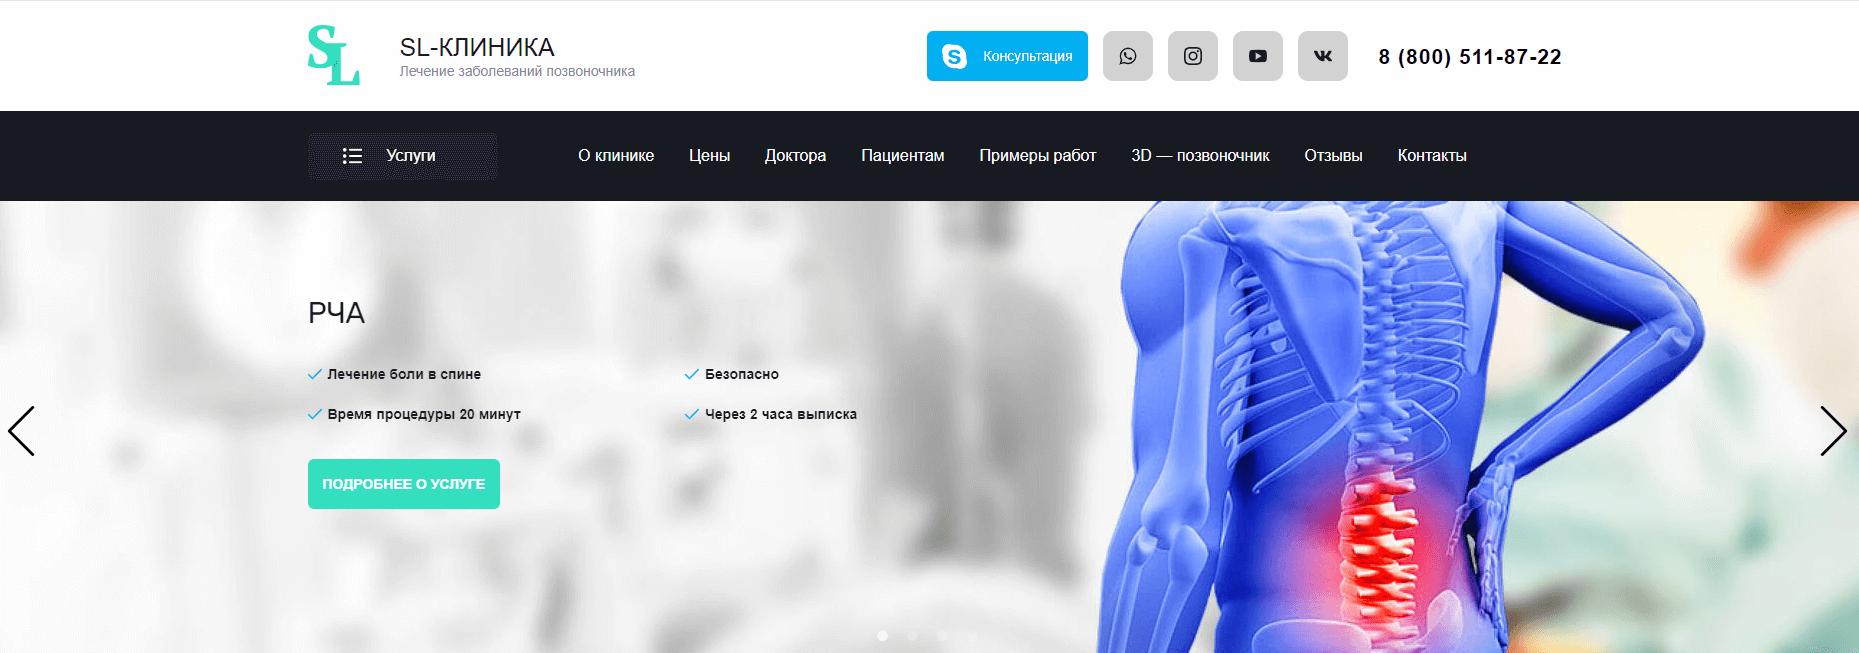 Продвижение сайта медицинской тематики